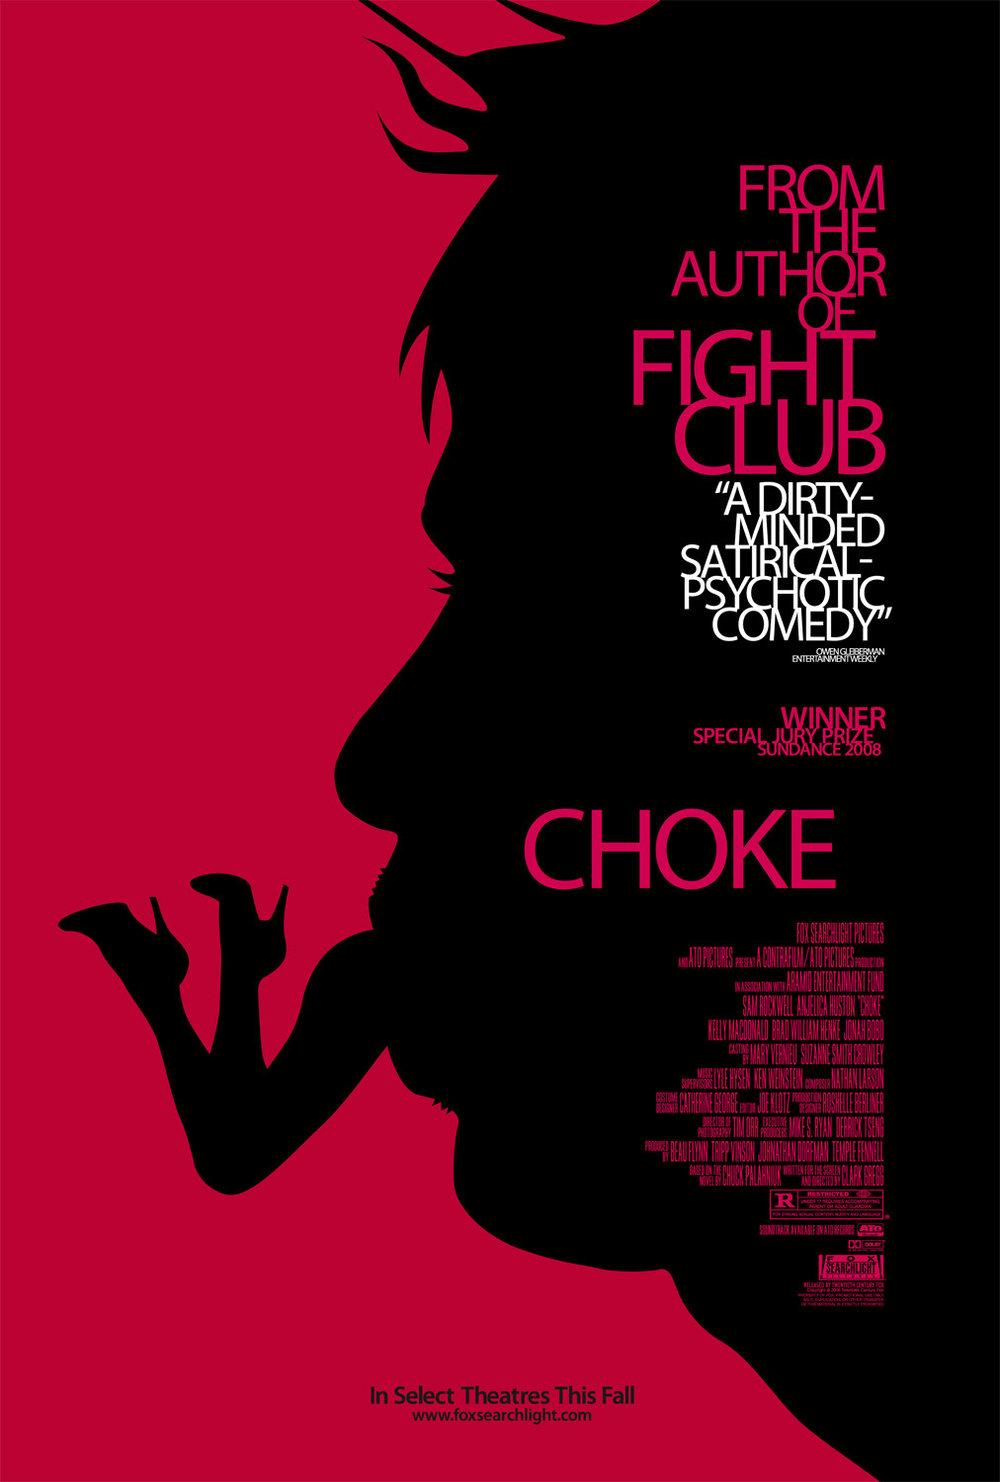 choke-poster.jpg